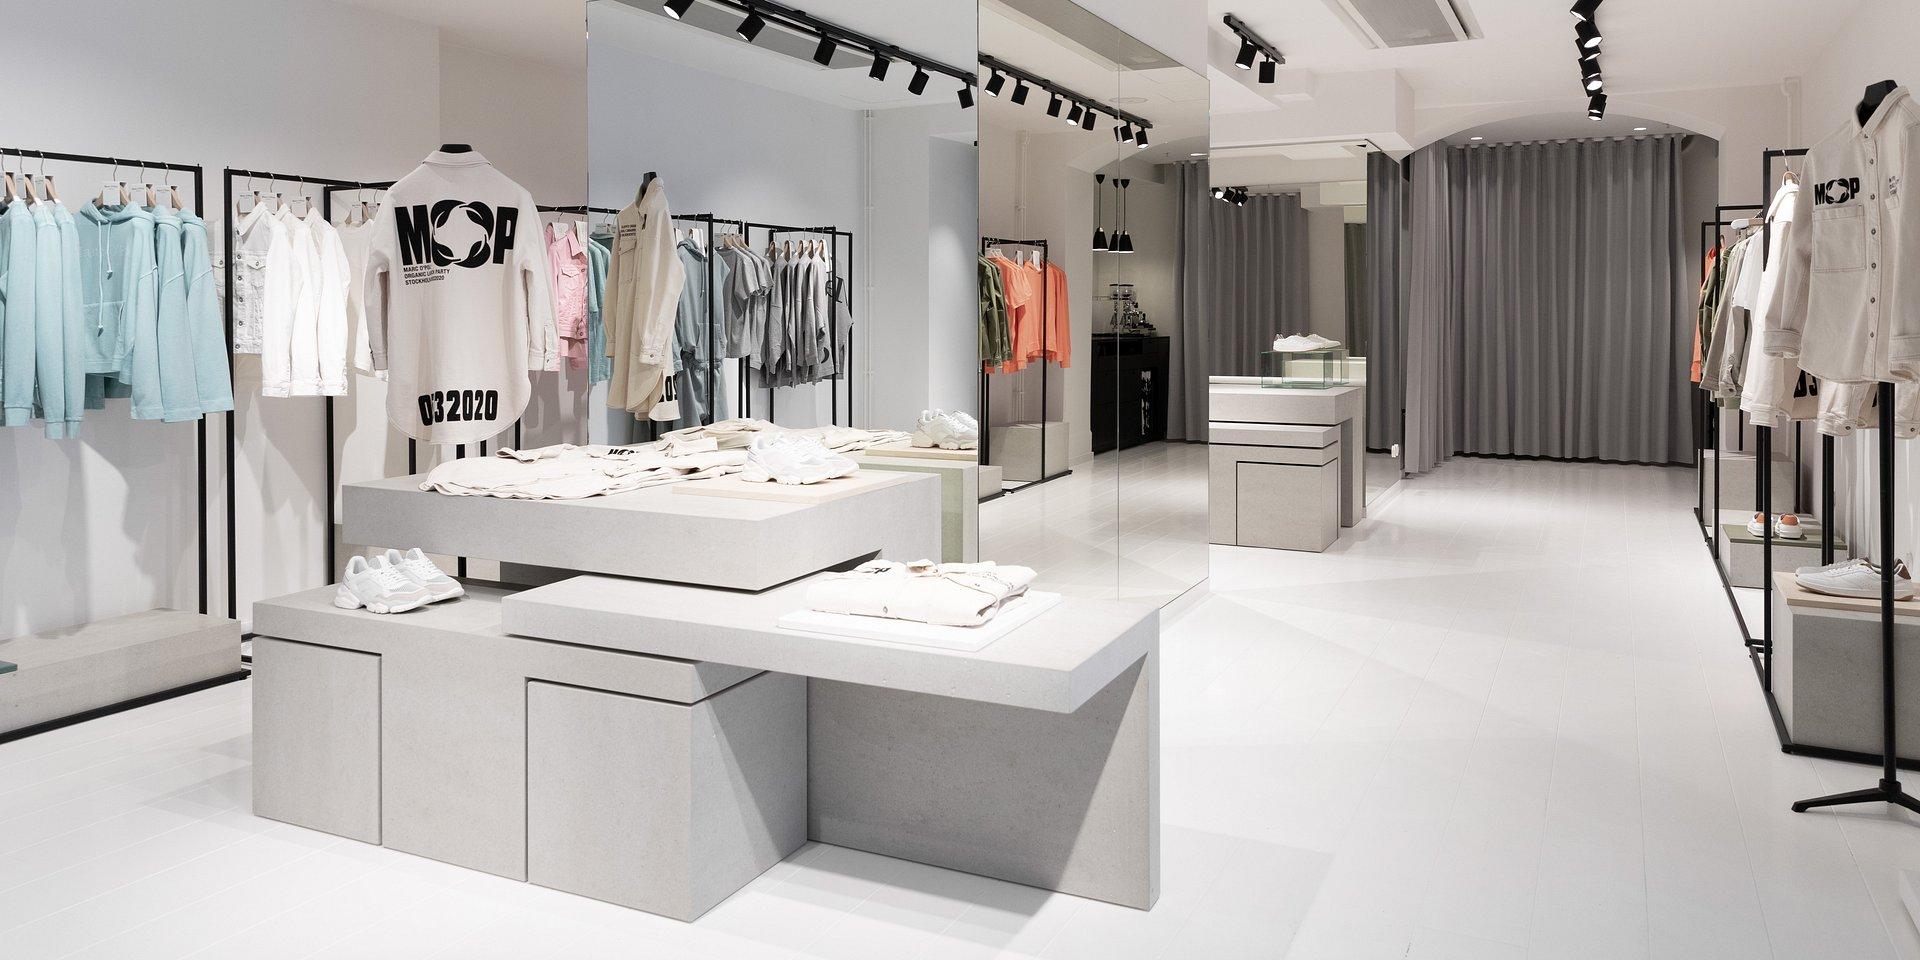 Concept store MARC O'POLO: wielkie otwarcie w Sztokholmie!